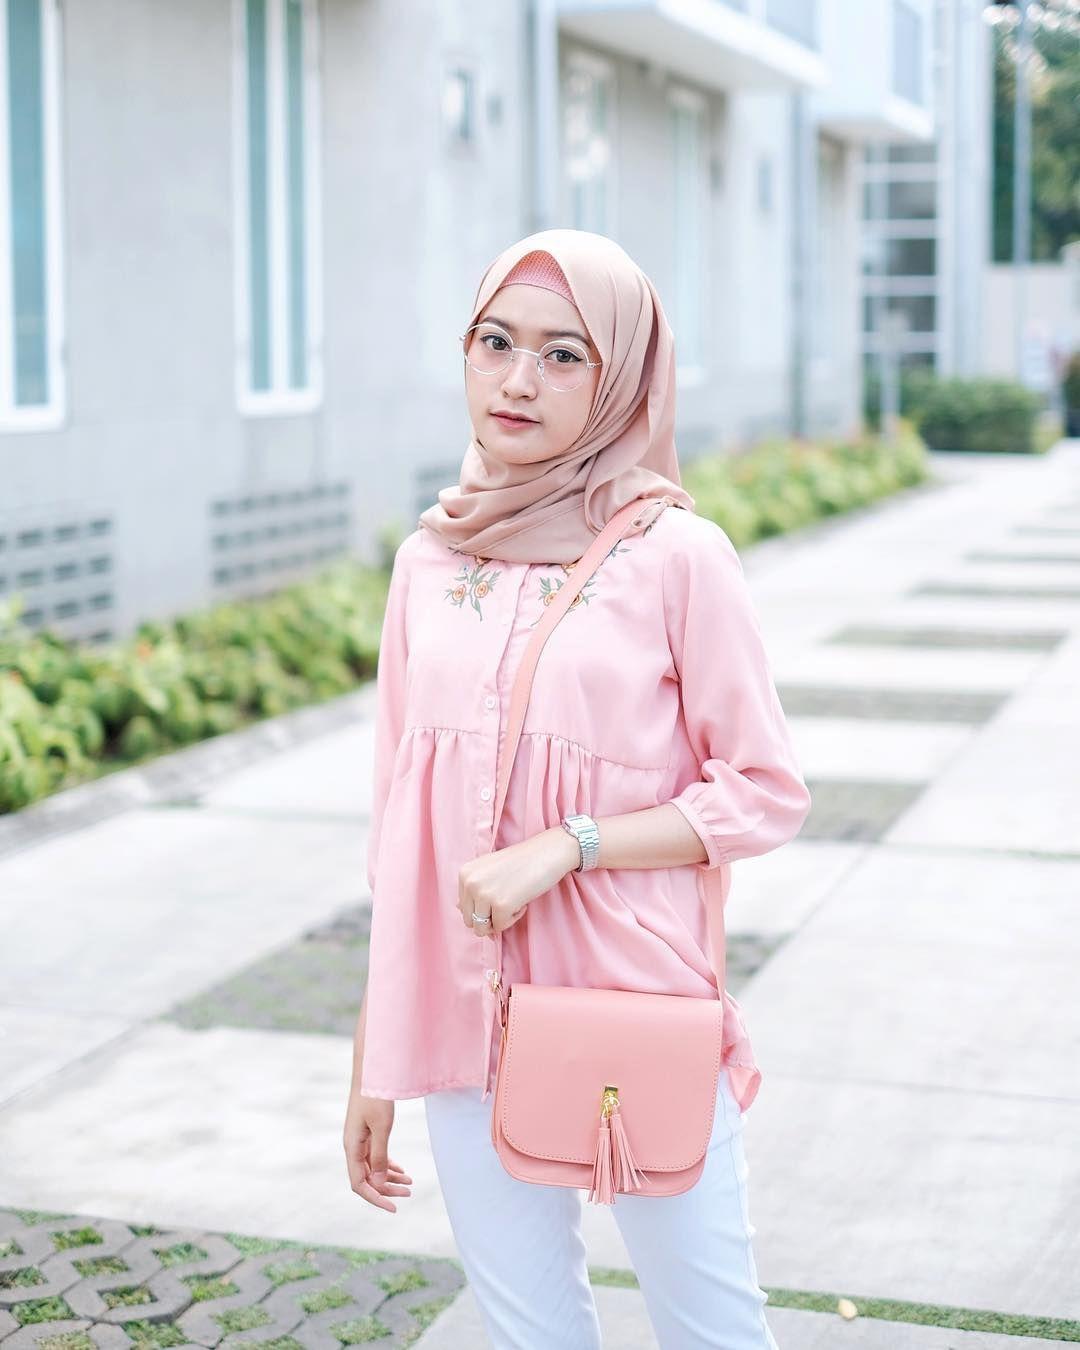 5 380 Likes 26 Comments Sari Endah Pratiwi Saritiw On Instagram Cinta Bgt Sama Warna Tasnyaaaa Beau Gaya Hijab Kasual Casual Hijab Outfit Fashion 2020